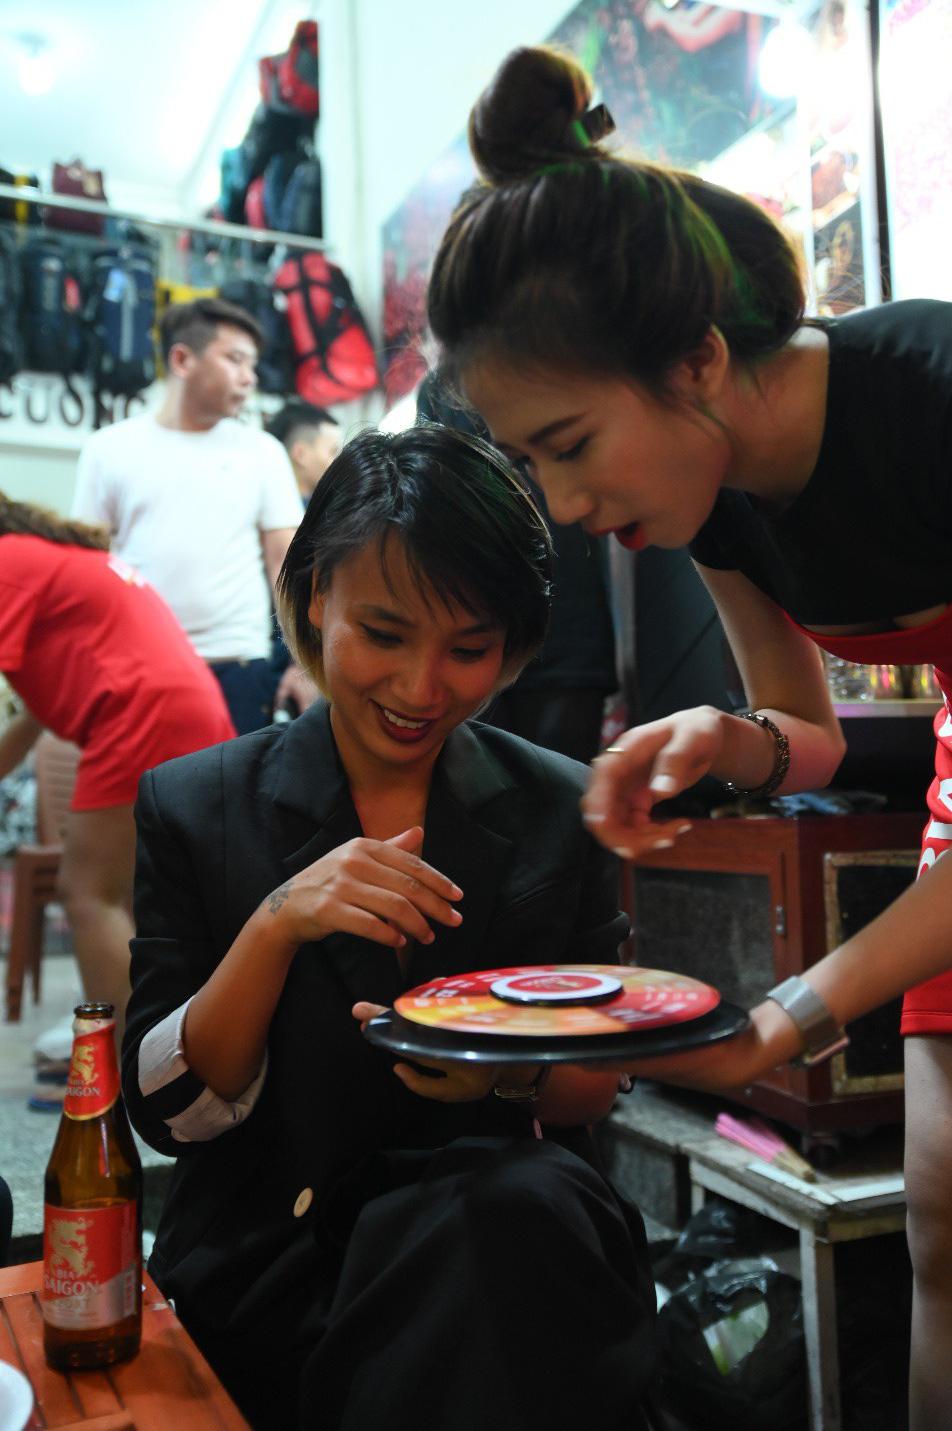 """Hàng nghìn bạn trẻ """"quẩy"""" hết mình tại sự kiện hoành tráng nhất tháng 8 mang tên """"Đêm Sài Gòn"""" - Ảnh 6."""